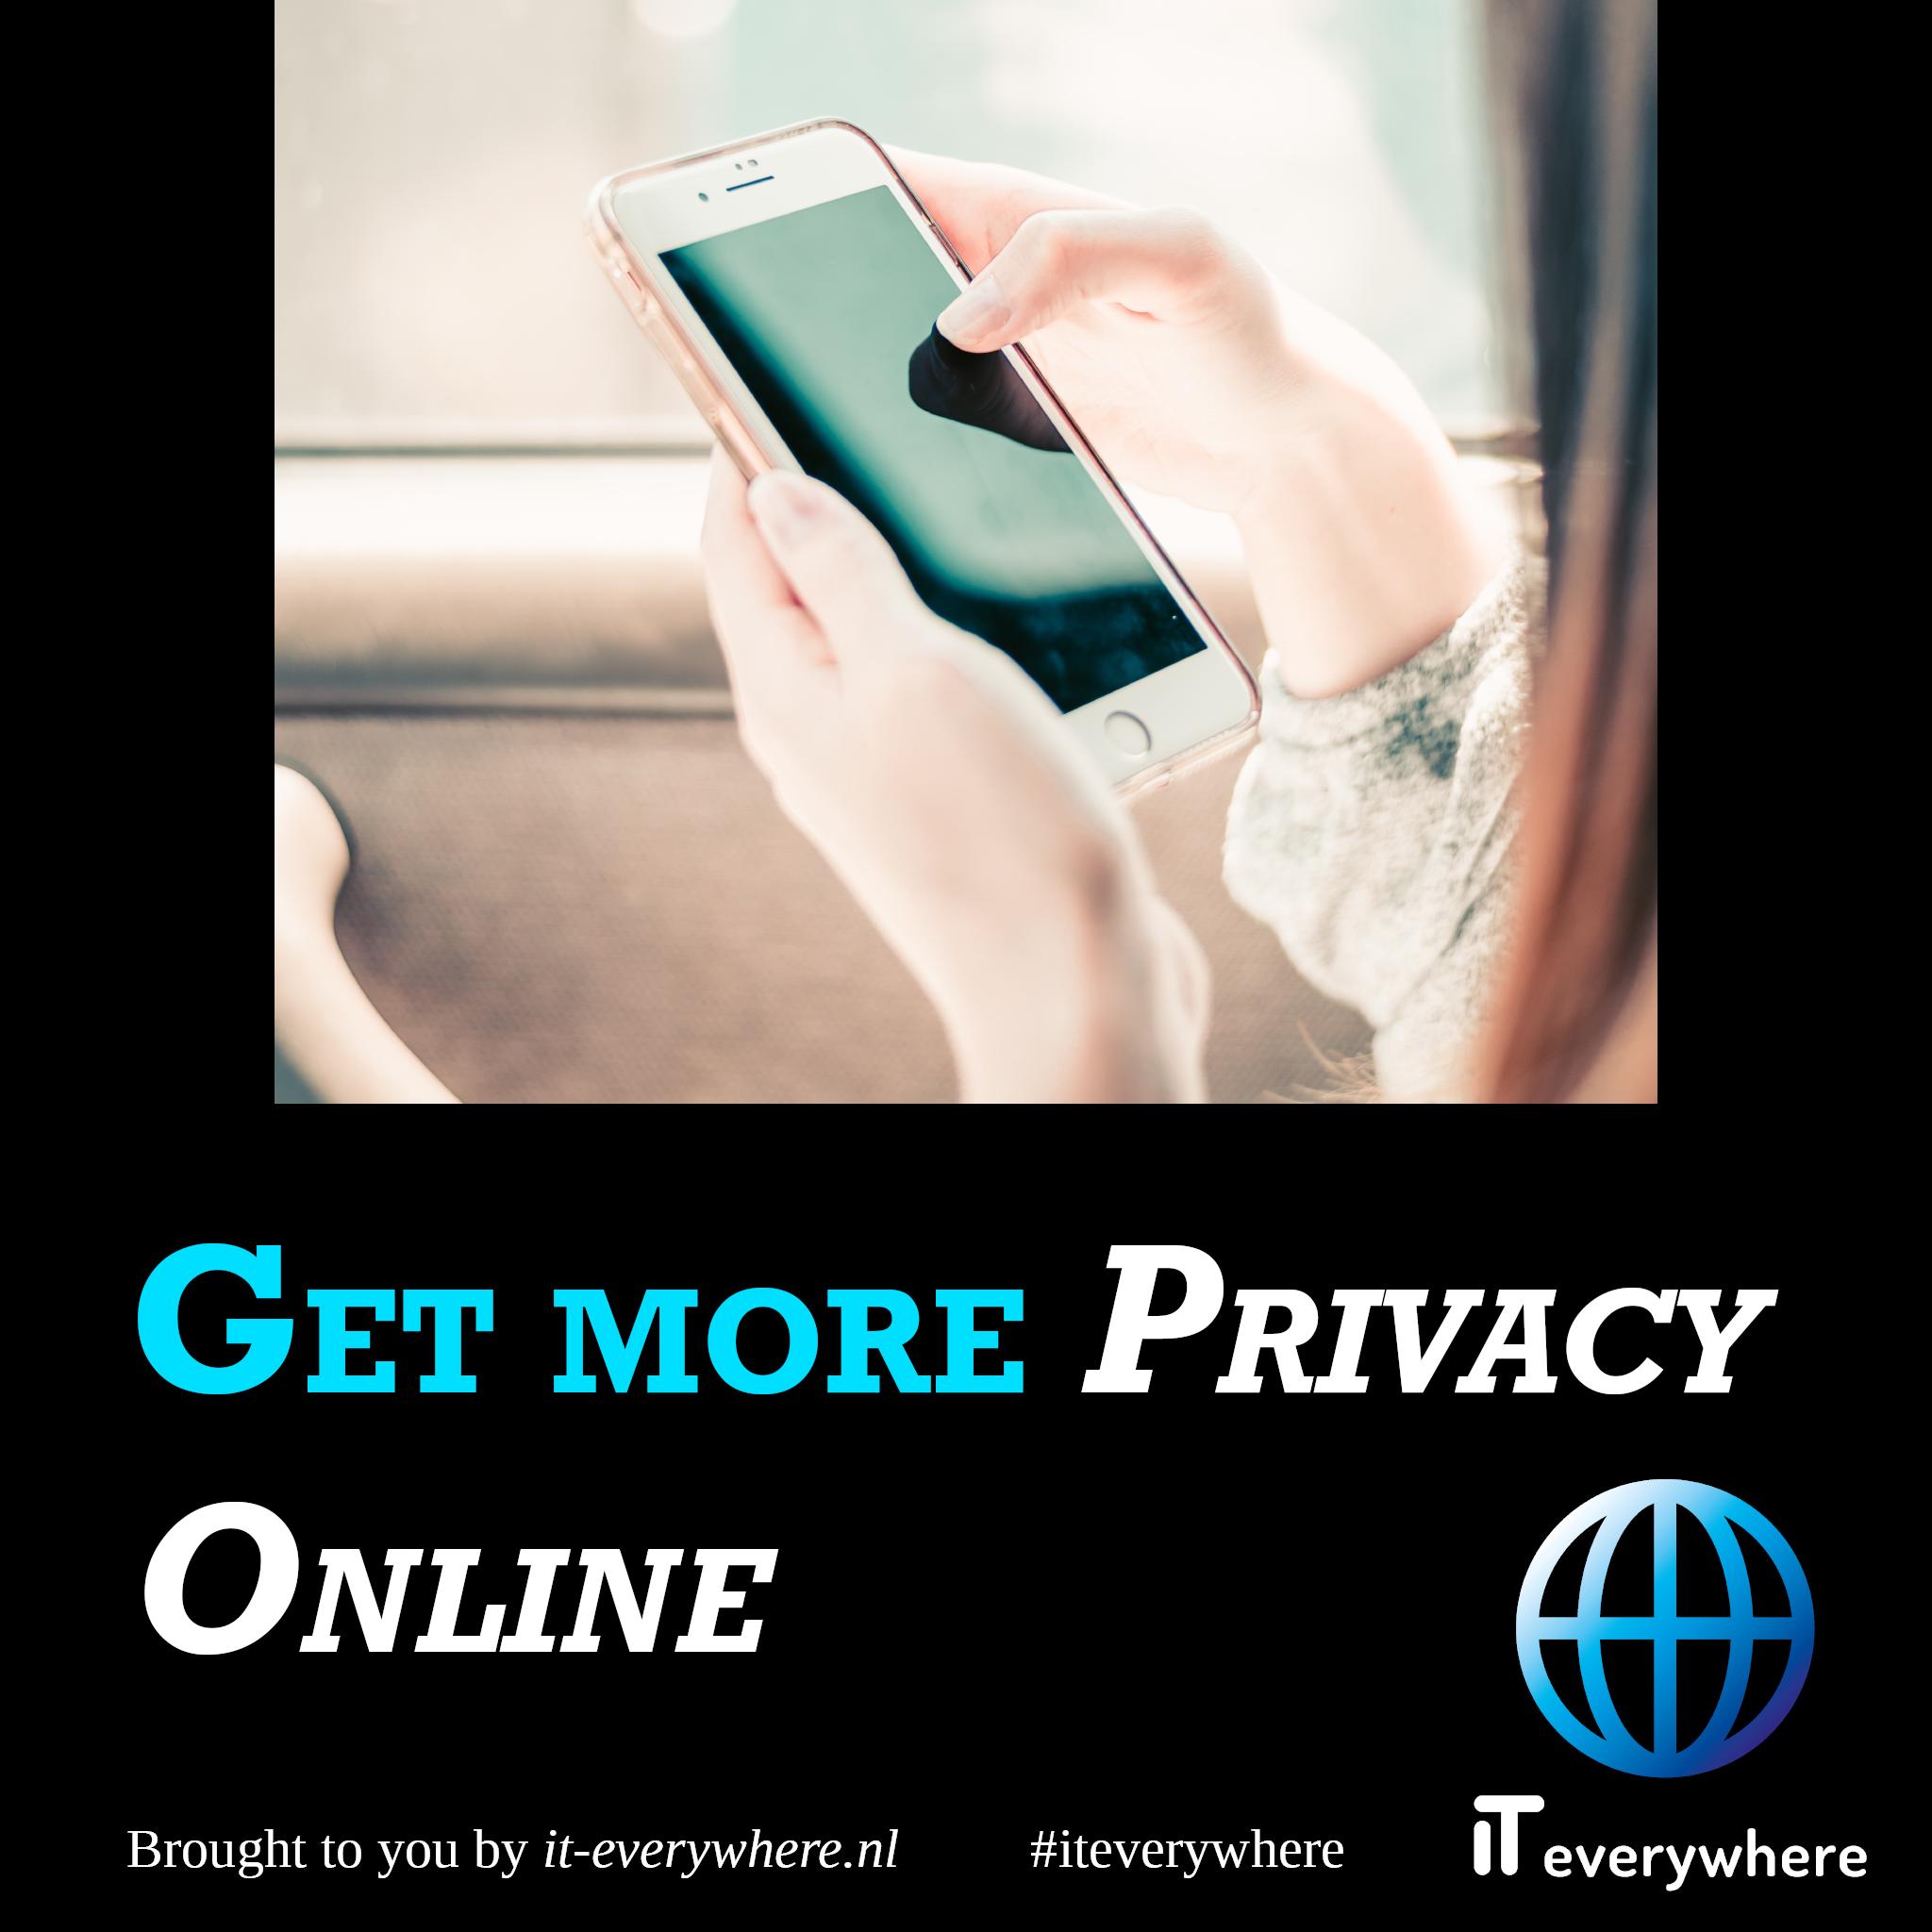 Behoud meer privacy online